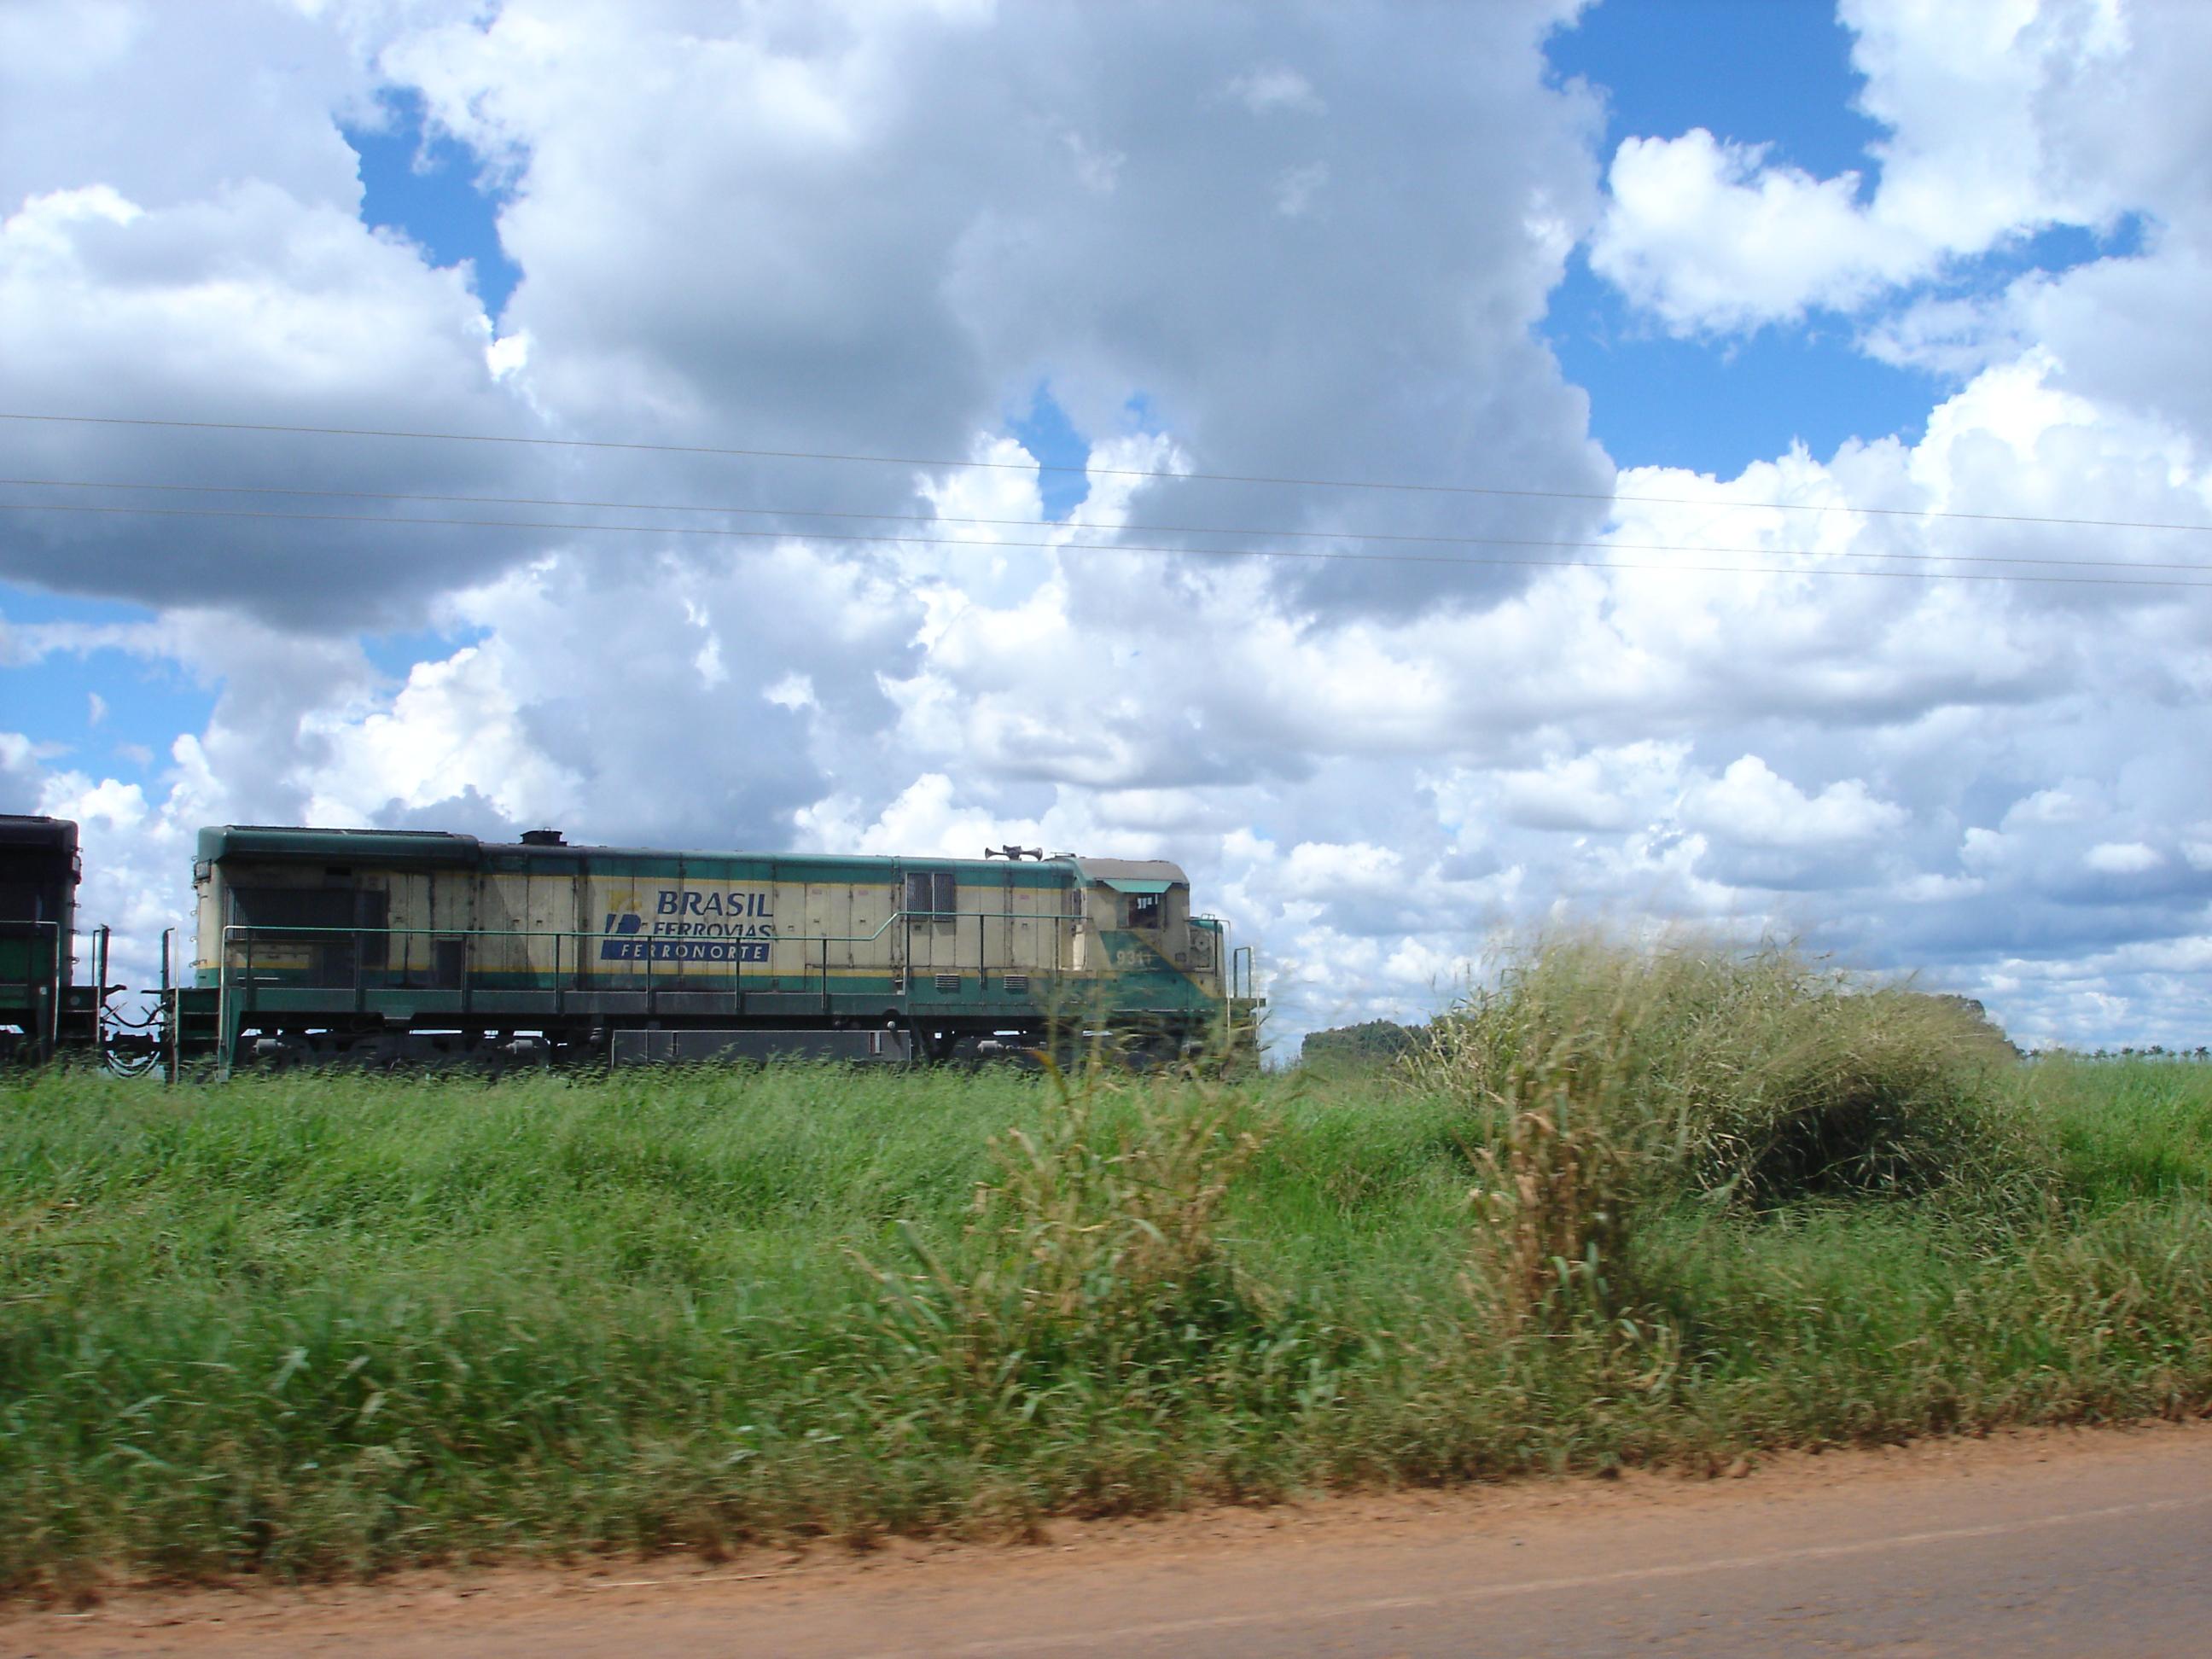 Ferronorte Railroad in Mato Grosso operated by America Latina Logistica (ALL)